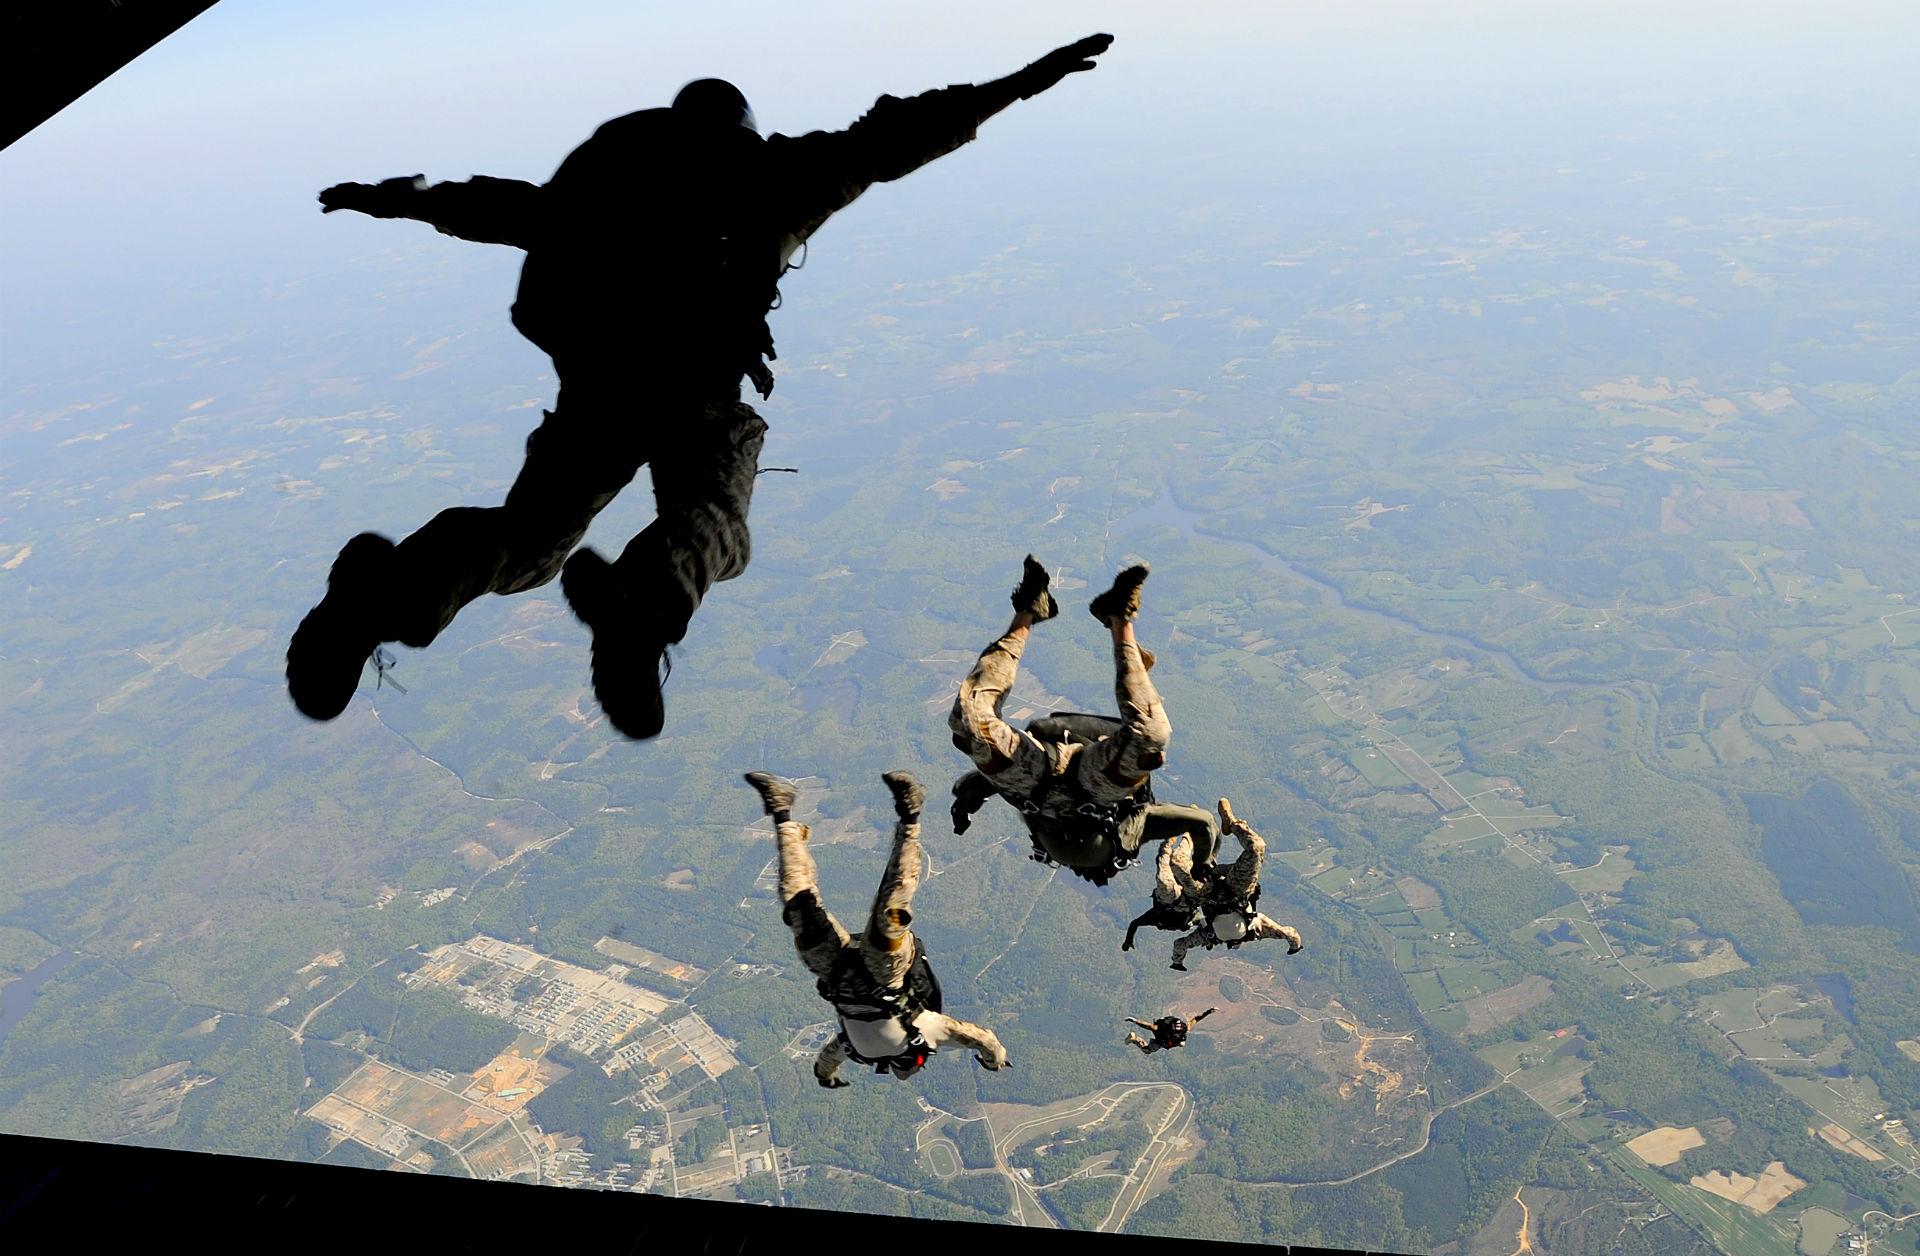 skydiving wallpaper download